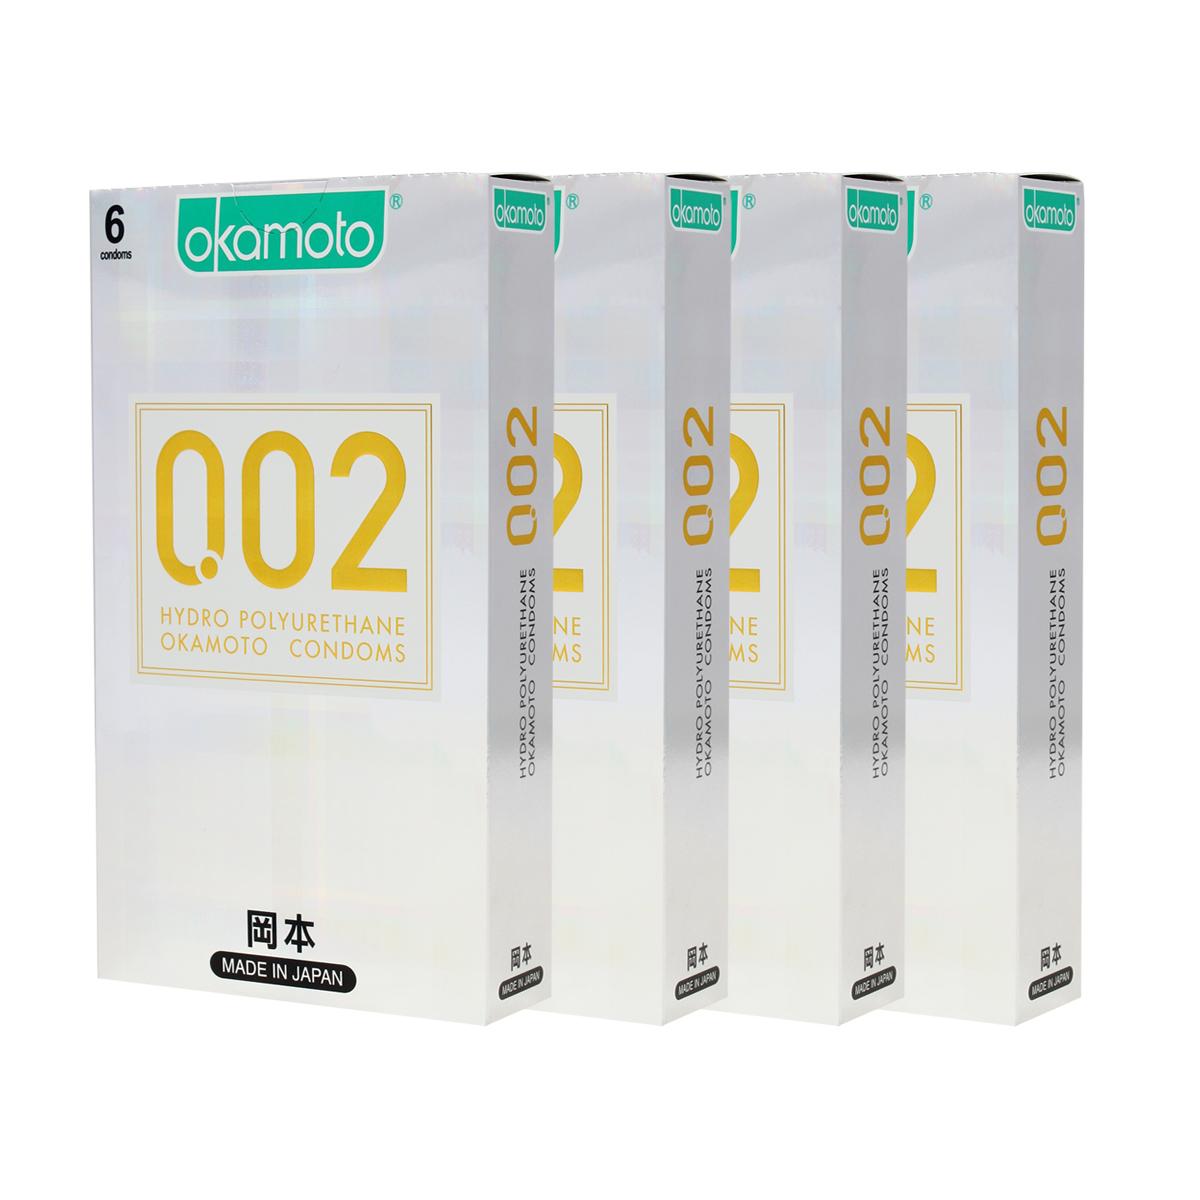 오카모토 하이드로 폴리우레탄 초박형 콘돔 0.02mm, 6개입, 4개